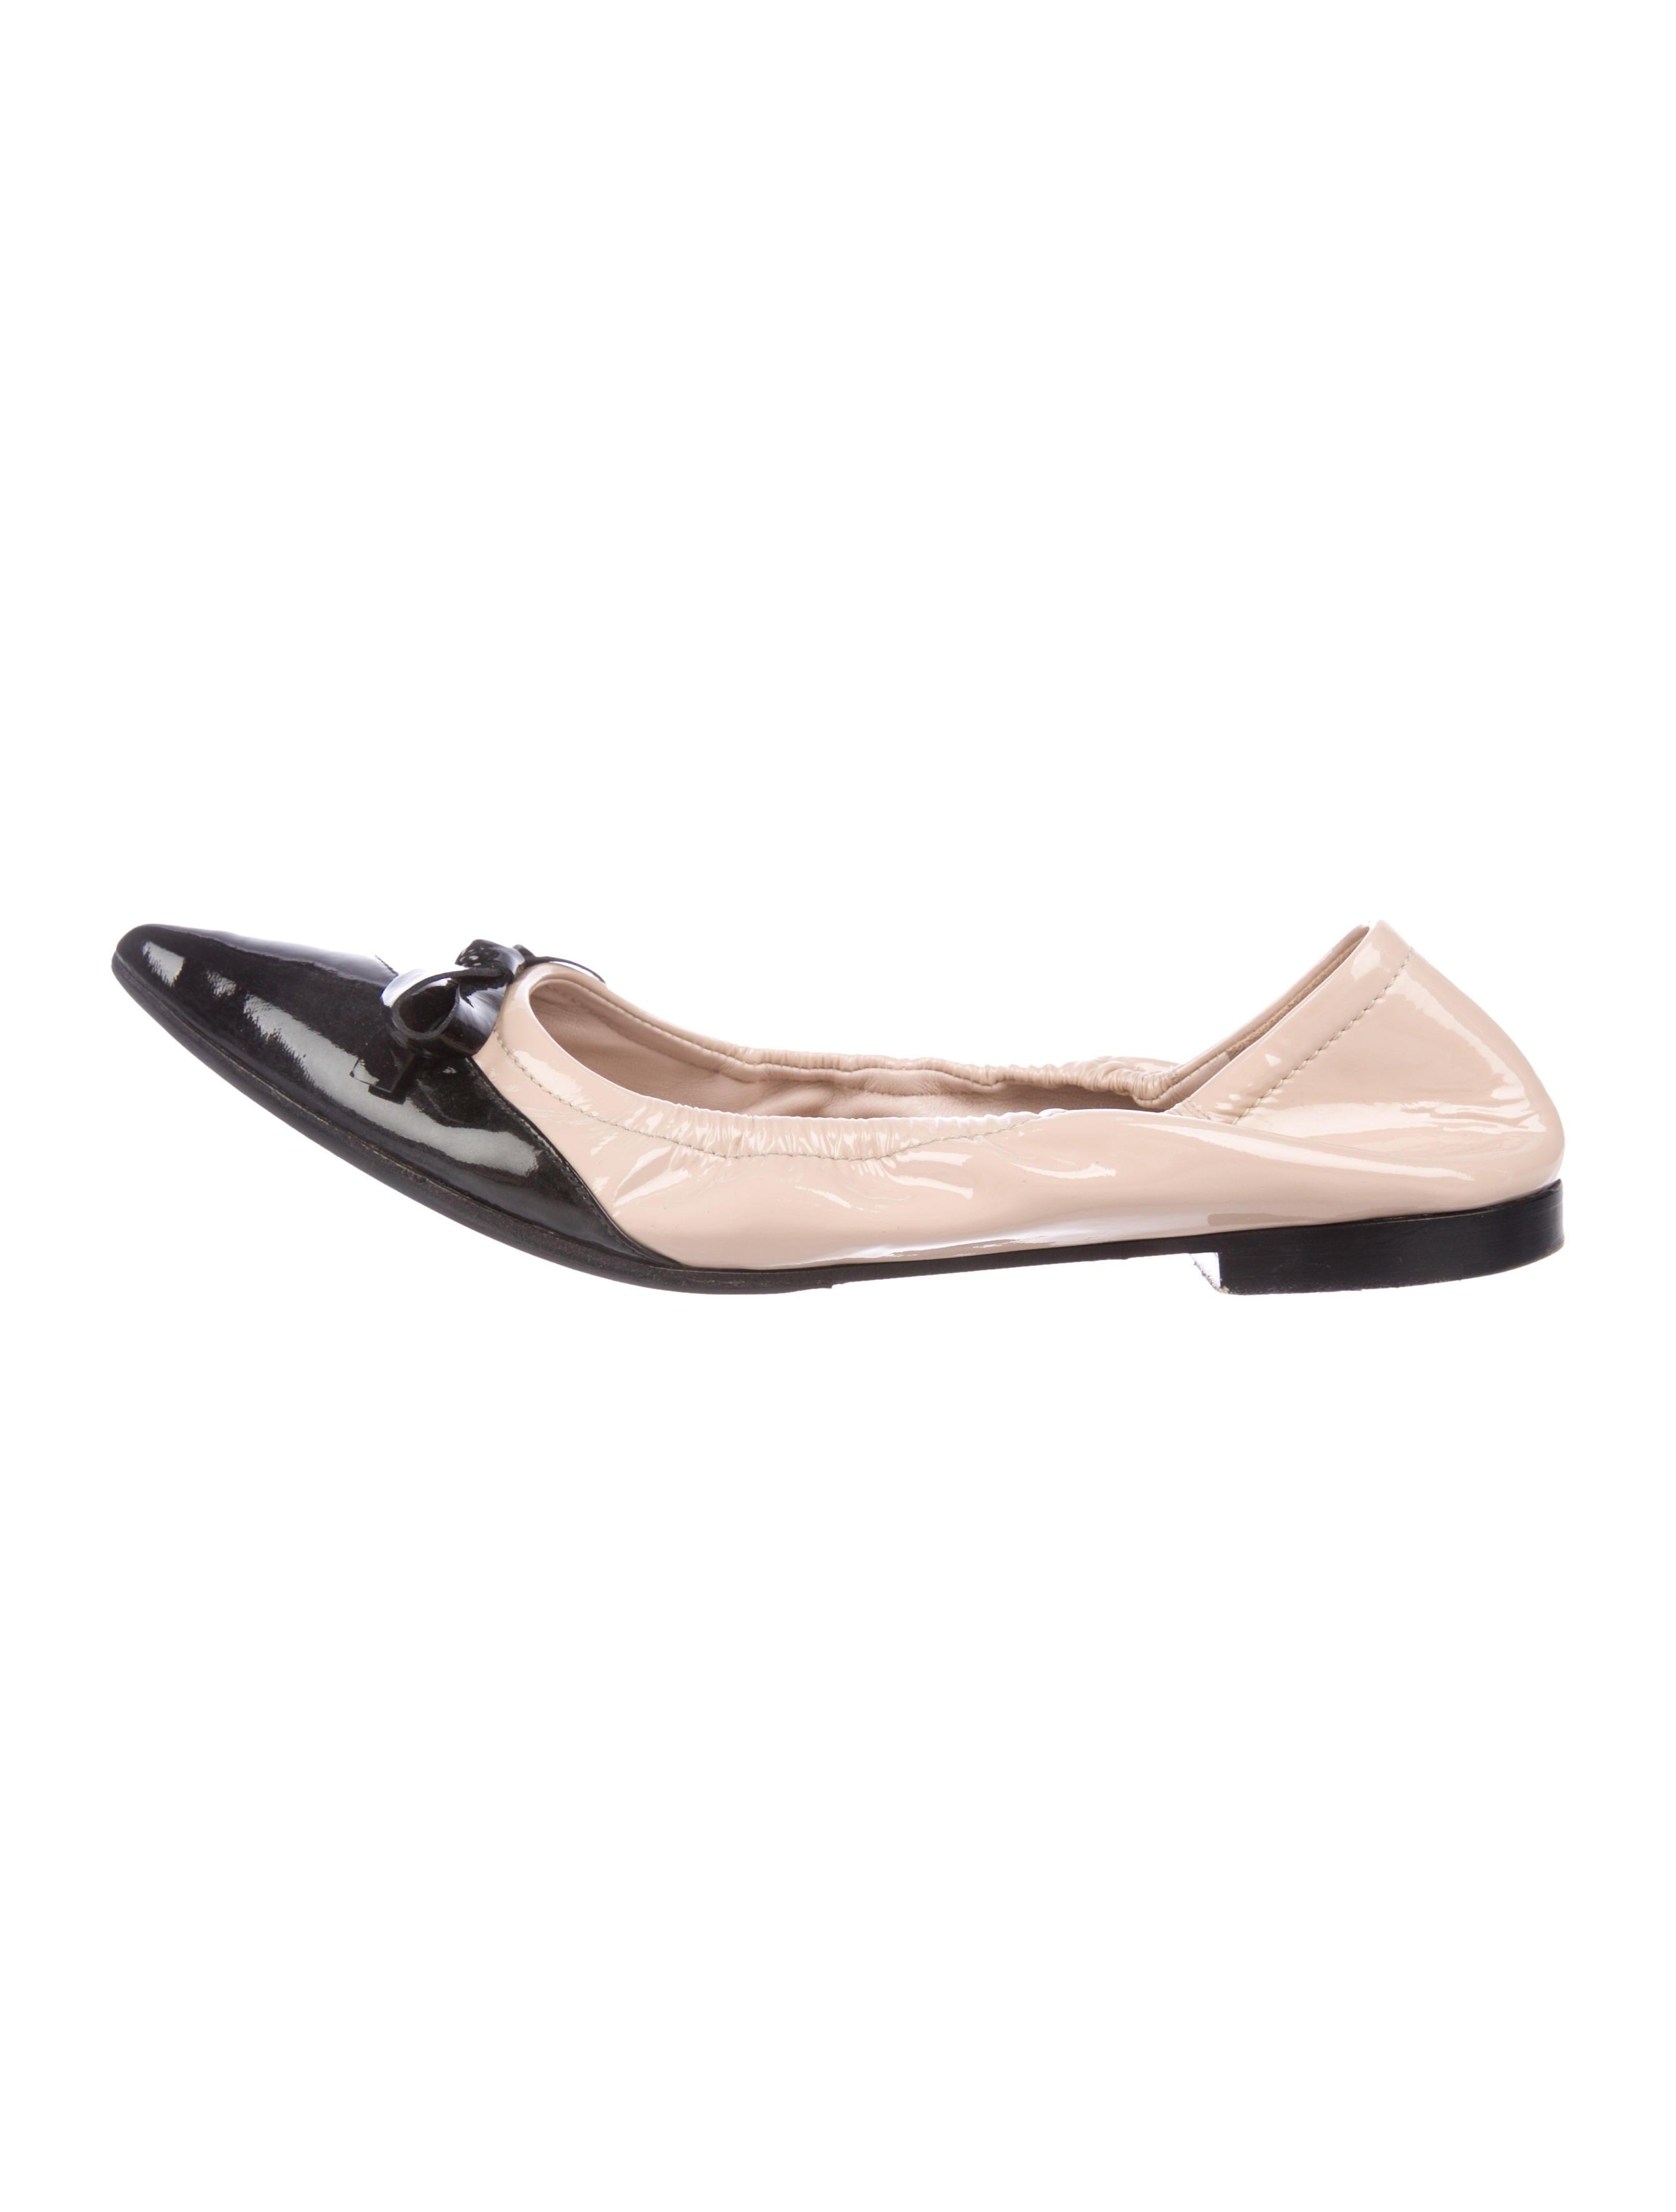 Miu Miu Pointed-Toe Ballet Flats - Shoes - MIU78303  cbd6a1f0b5c5e